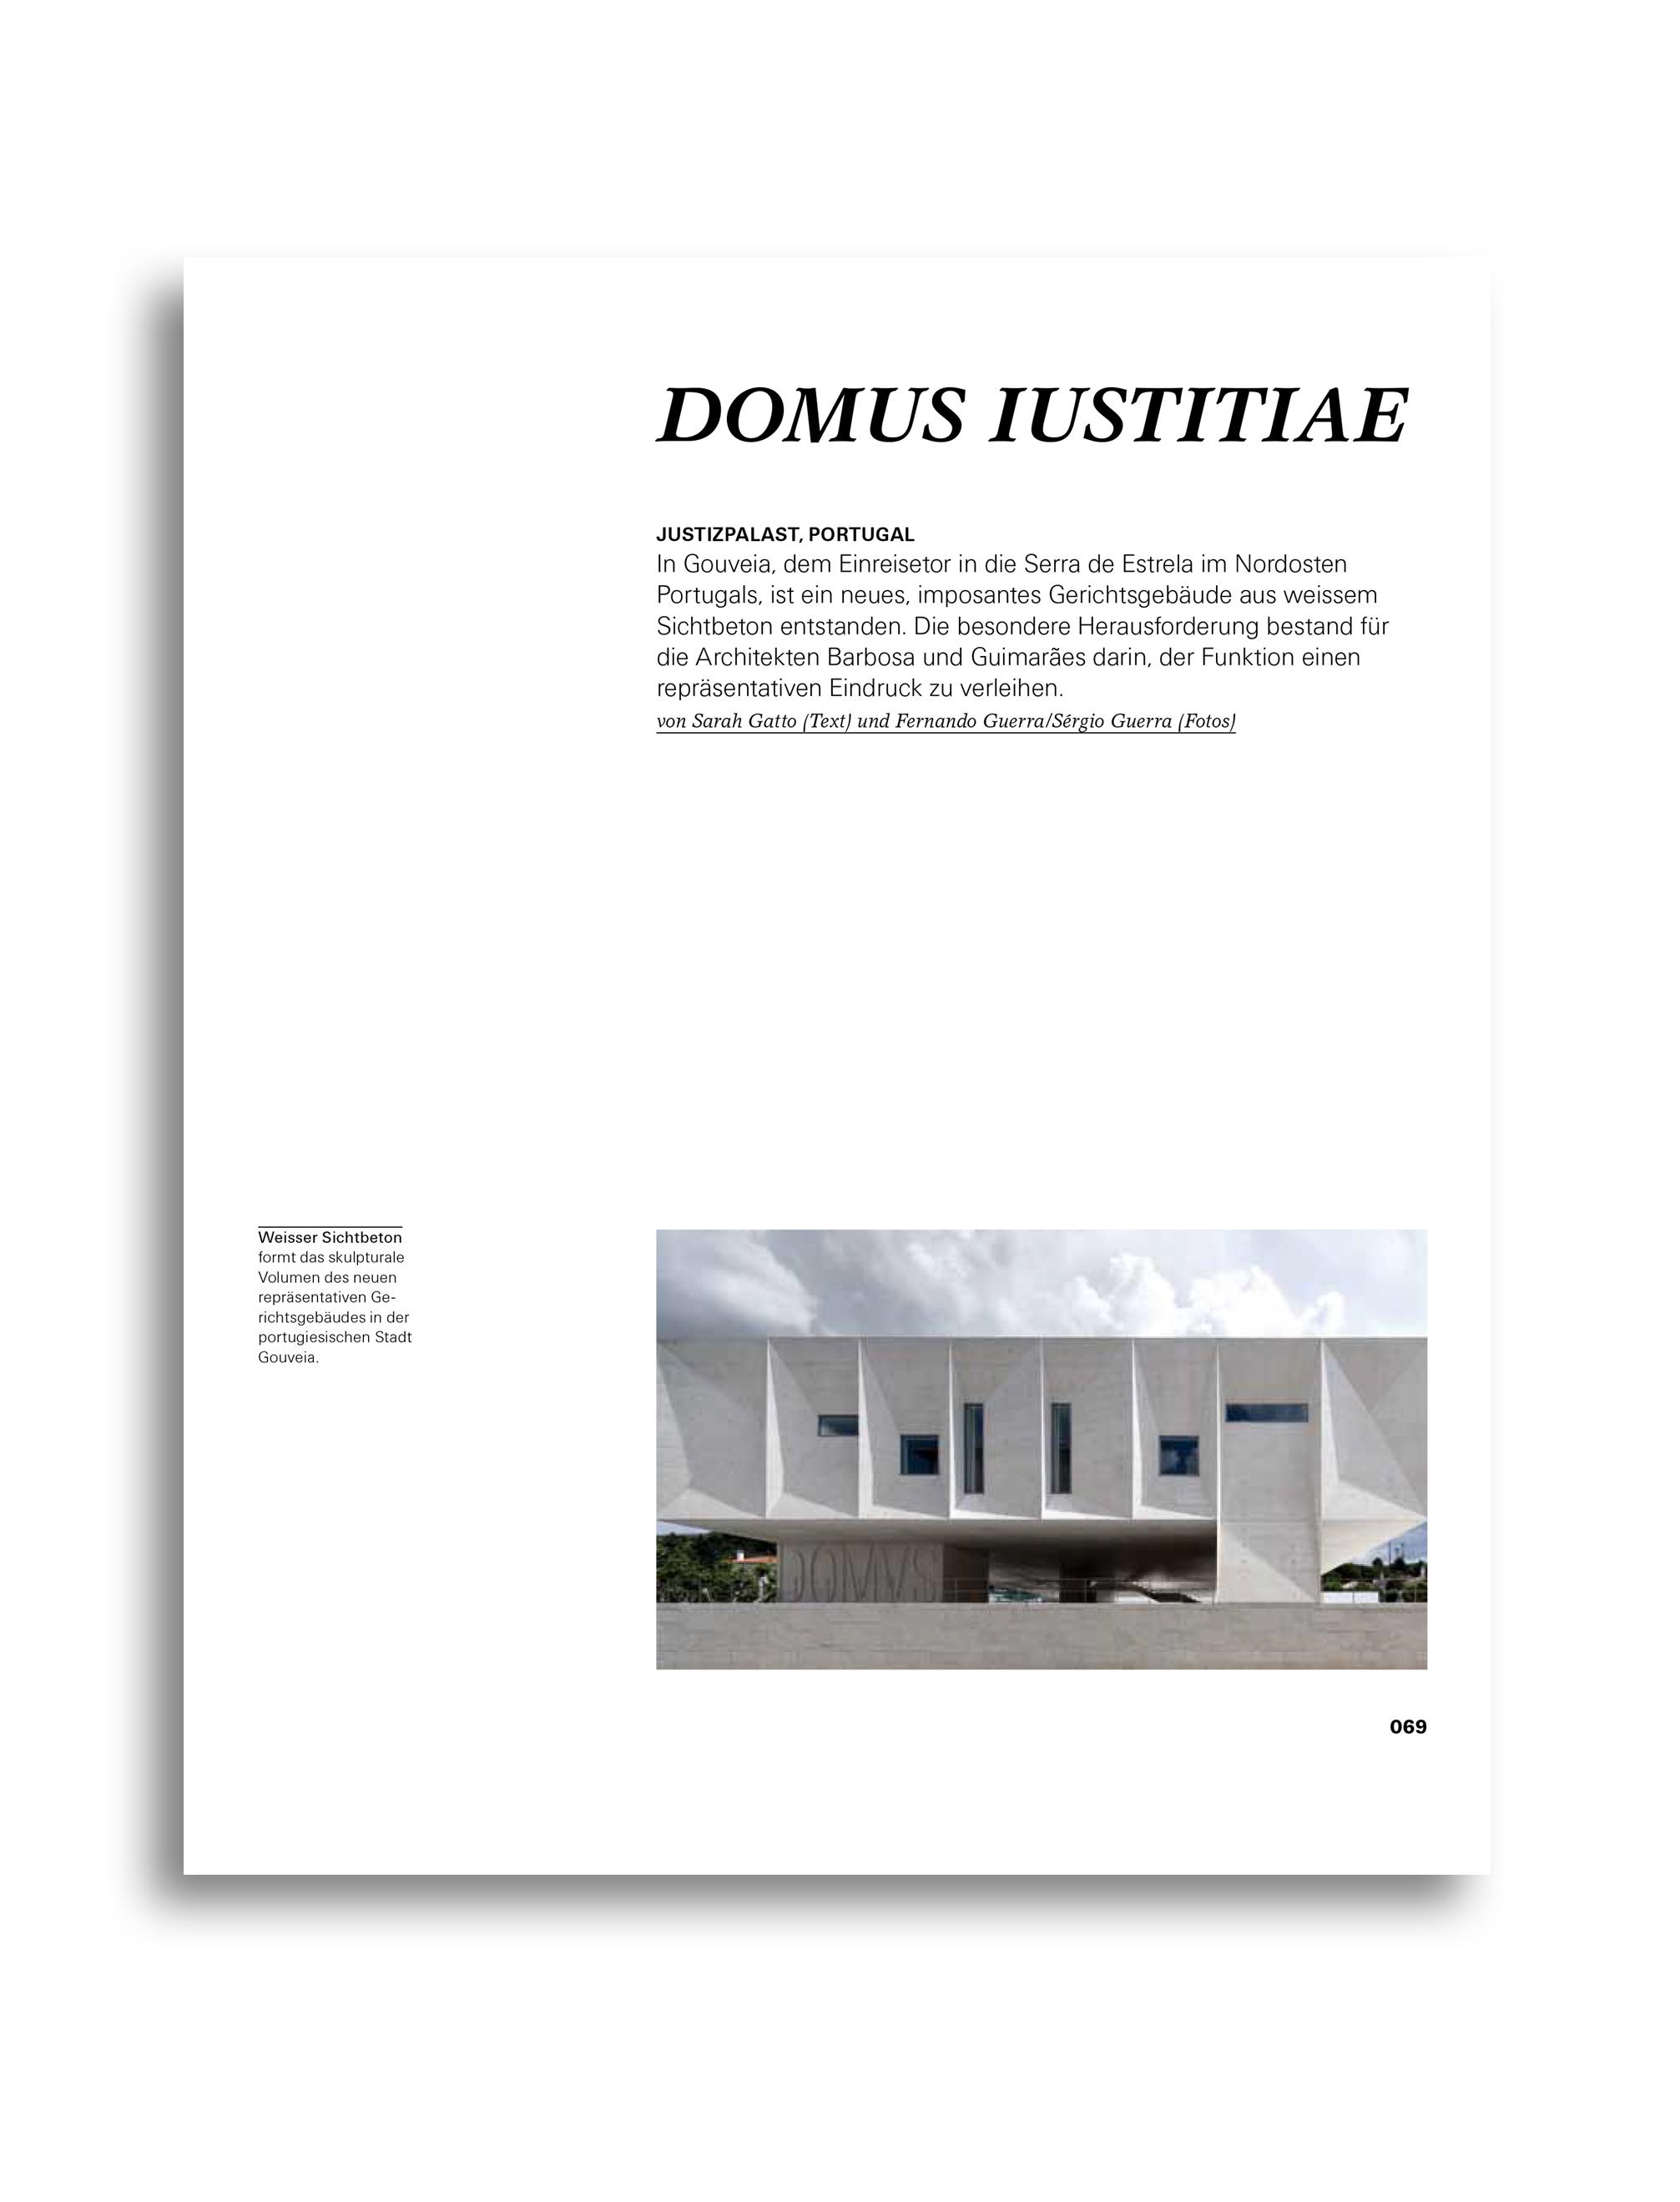 MODULOR 0711 I Domus Iustitiae